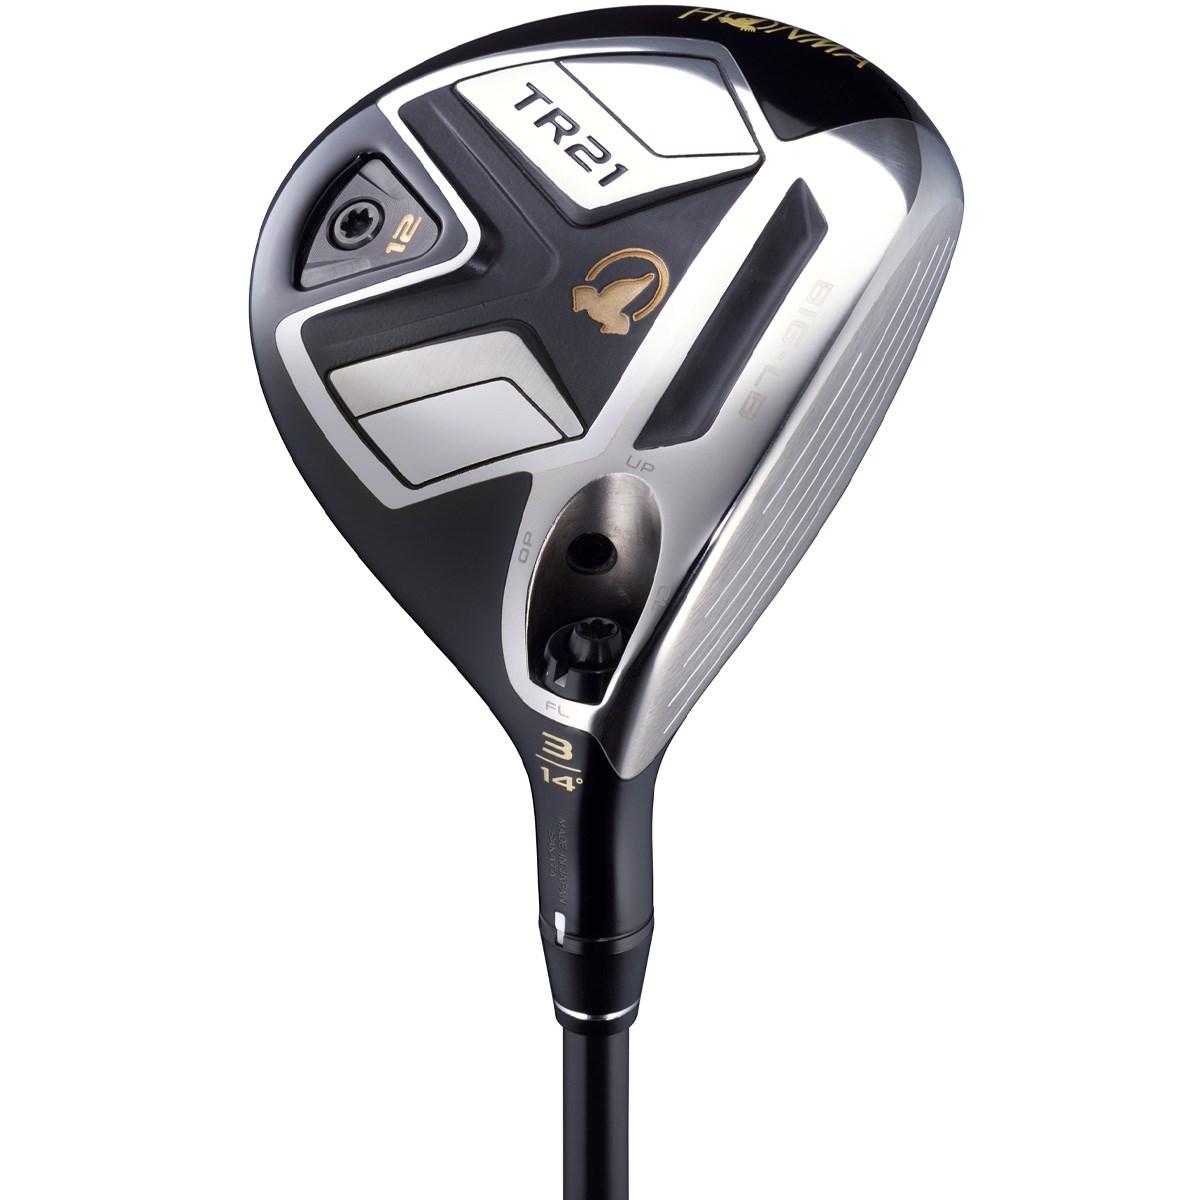 本間ゴルフ TOUR WORLD ツアーワールド TR21-Ti フェアウェイウッド VIZARD FD-5/6 シャフト:VIZARD FD-5 S 3W 14° 43inch